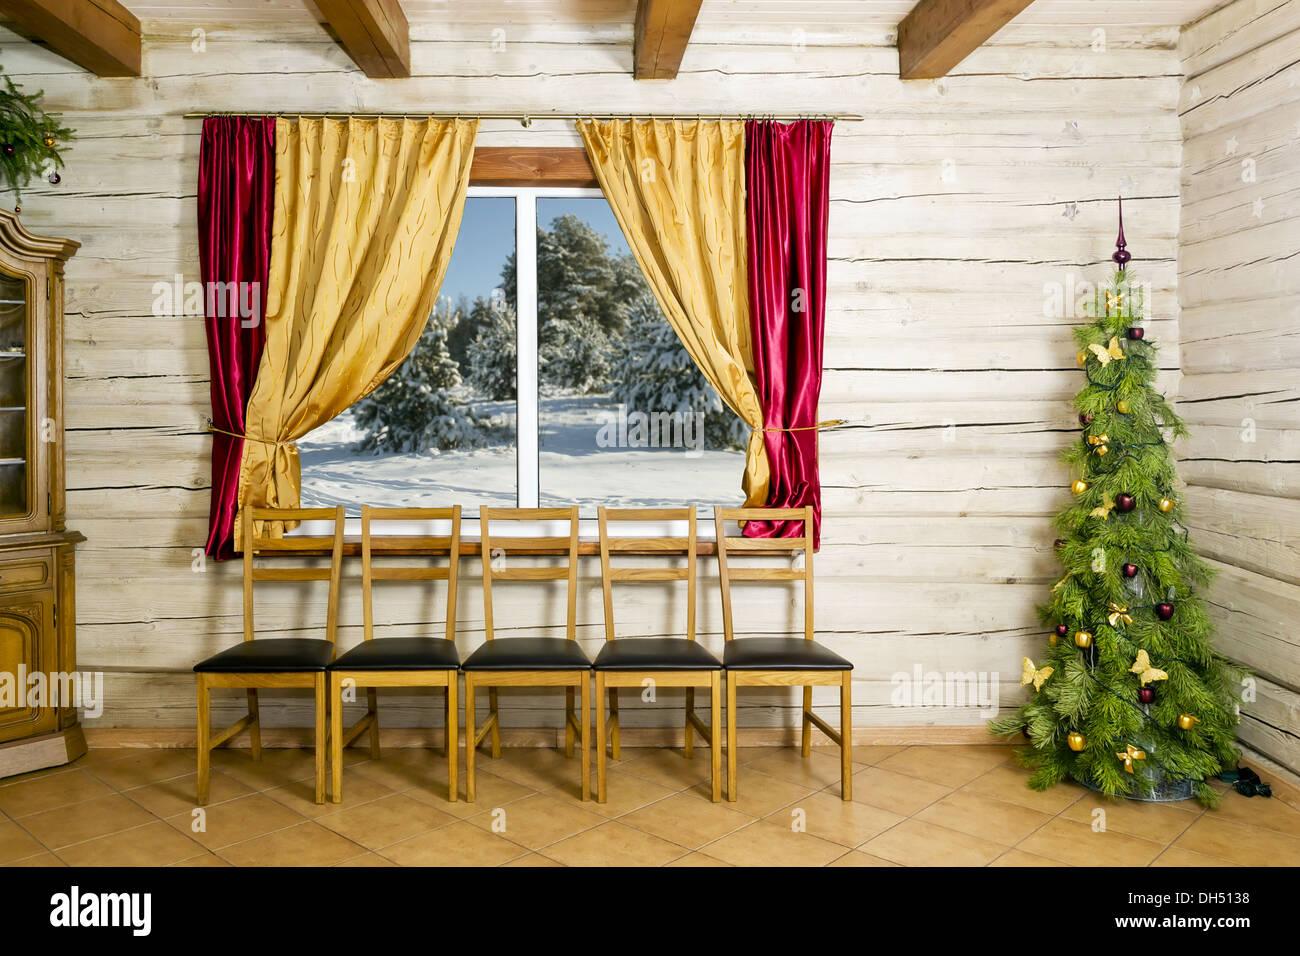 Weihnachts-Zimmer im Landhaus Stockfoto, Bild: 62190892 - Alamy